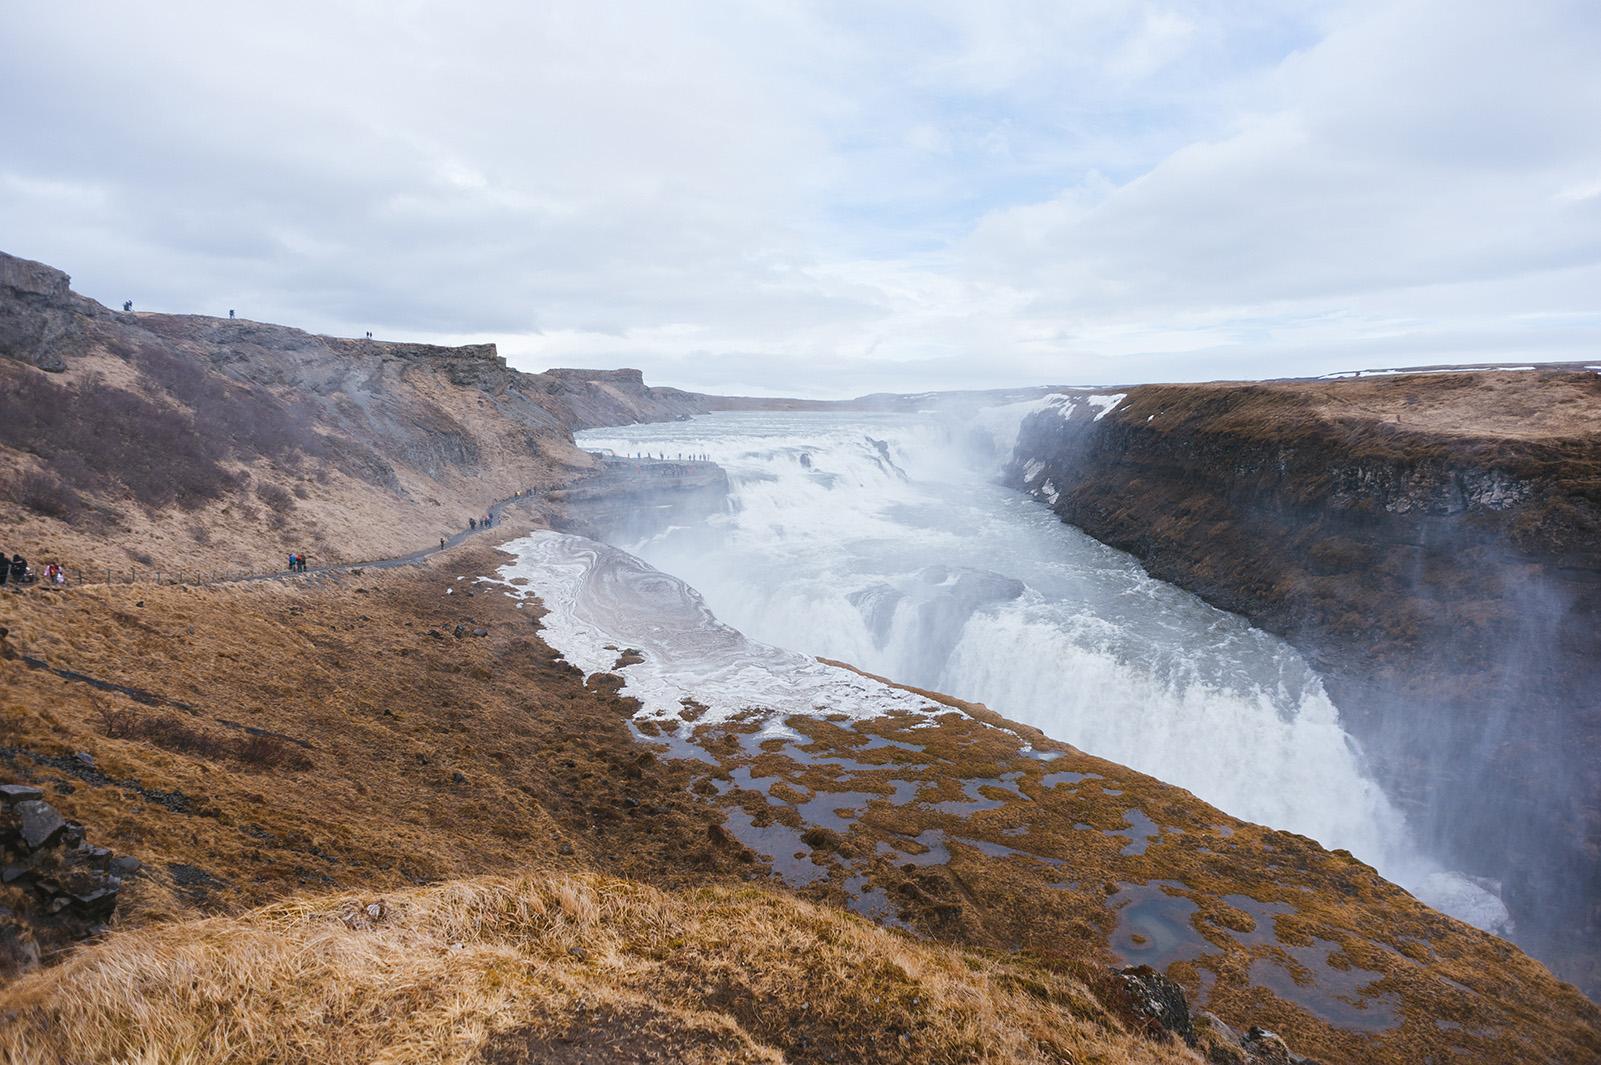 Gullfoss - золотой водопад, один из самых красивых в Исландии. Находится на севере долины Haukadalur.